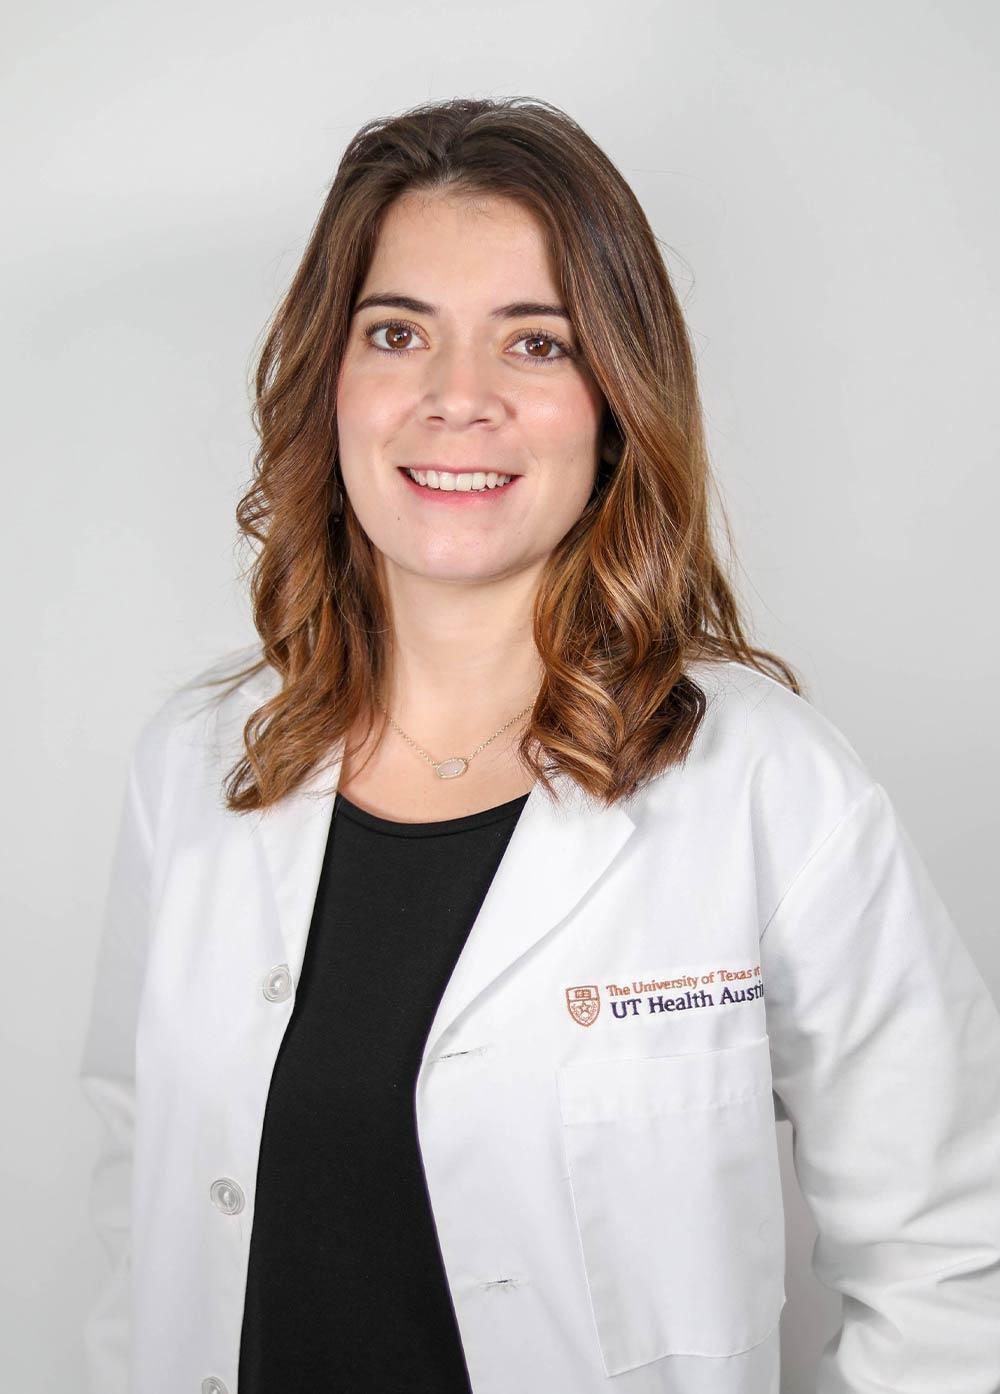 Headshot of Joanna Lopez